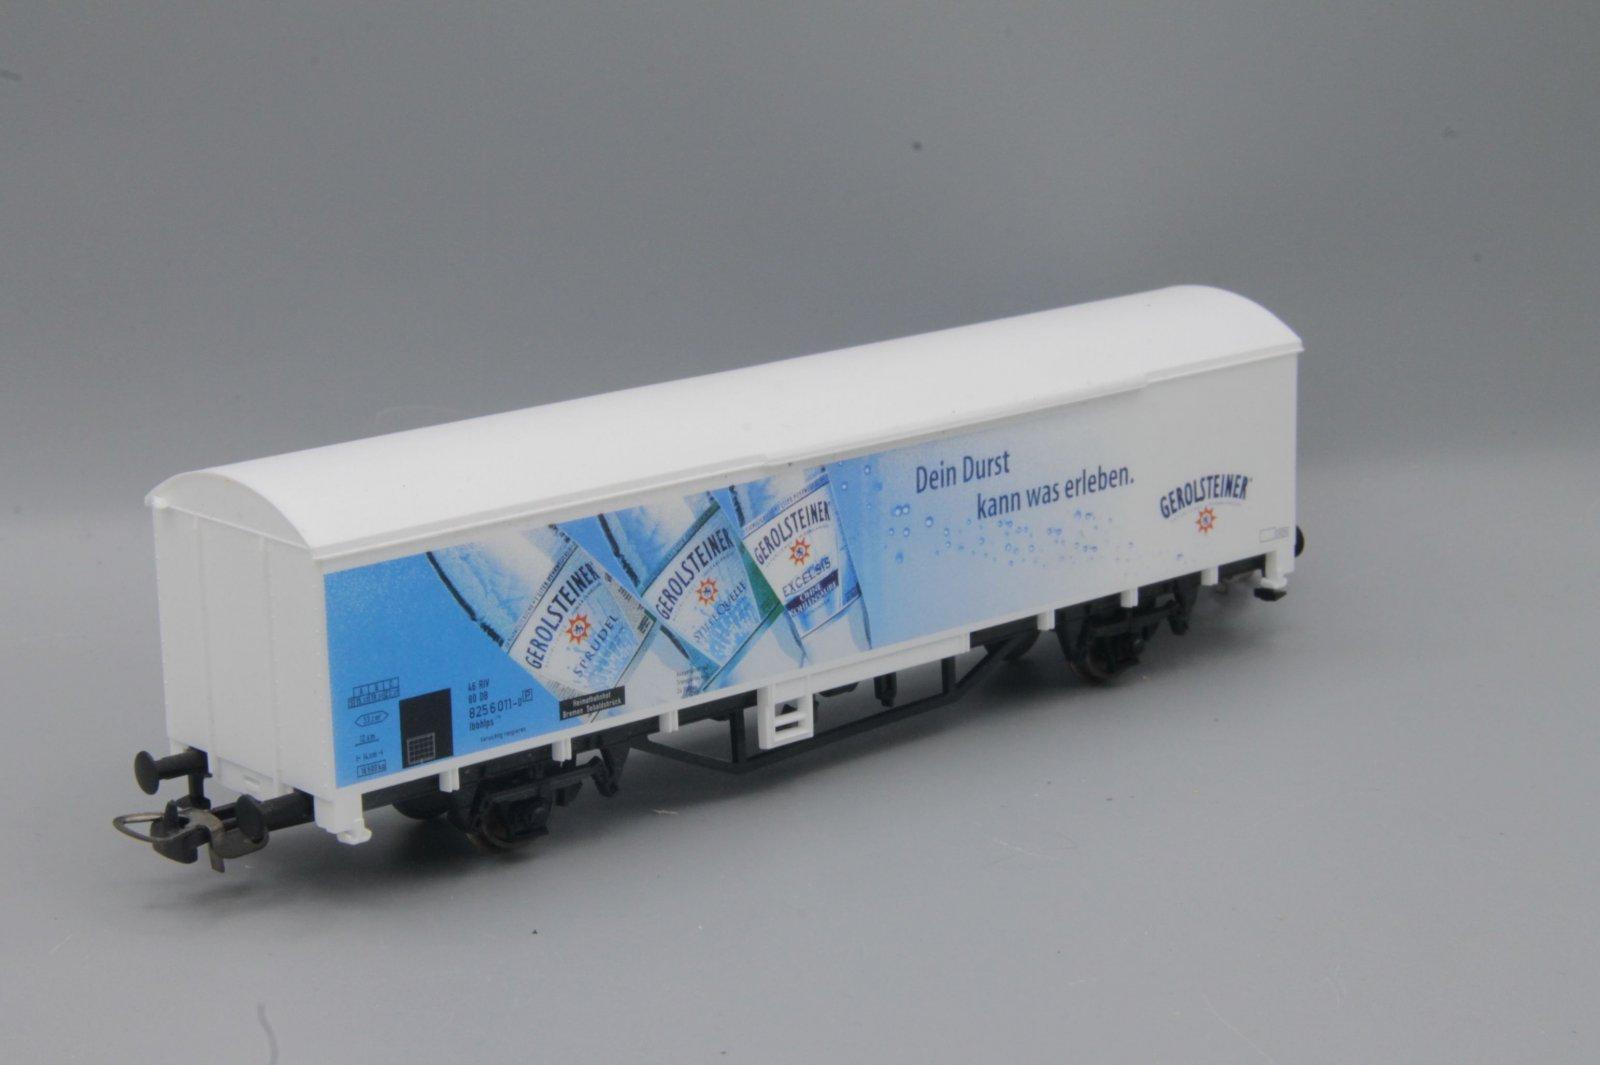 Piko Gbs - 2-achsiger gedeckter Güterwagen - weiß - Gerolsteiner